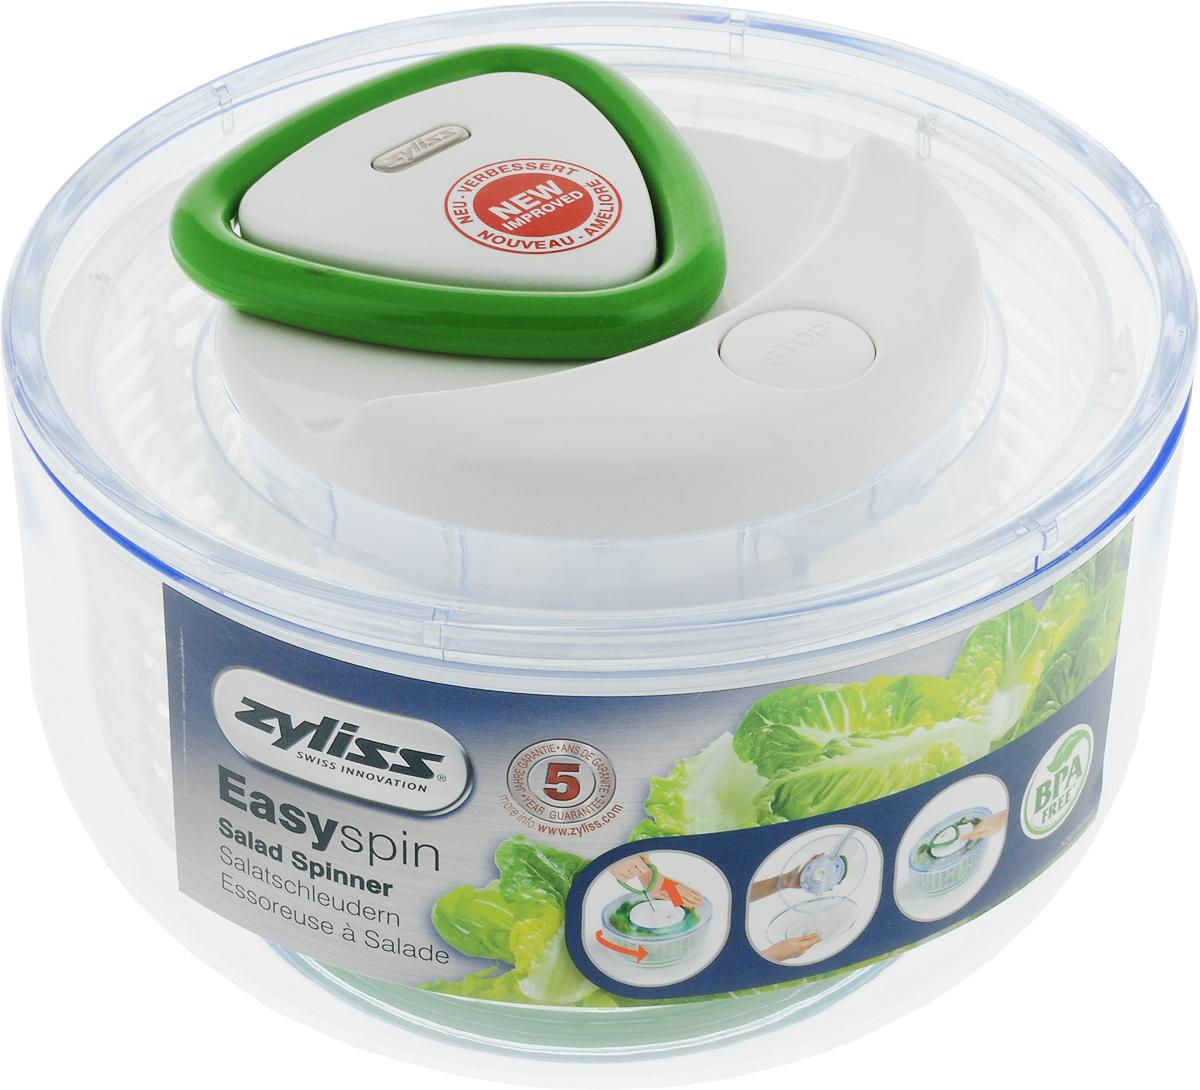 Сушилка для салата Zyliss Easy SpinE940004Центрифуга для сушки салата Zyliss Easy Spin подходит для мытья и сушки салатной зелени, фруктов и овощей. Прозрачное основание может быть использовано для сервировки.Особенности:- Уникальная технология Aquavent удаляет на 25% больше воды- Контурная корзина максимизирует эффективность сушки- Вентиляционные отверстия в корзине крышки и основания увеличивают потребление воздуха и сброс воды- Можно мыть в посудомоечной машине- Кнопка остановки